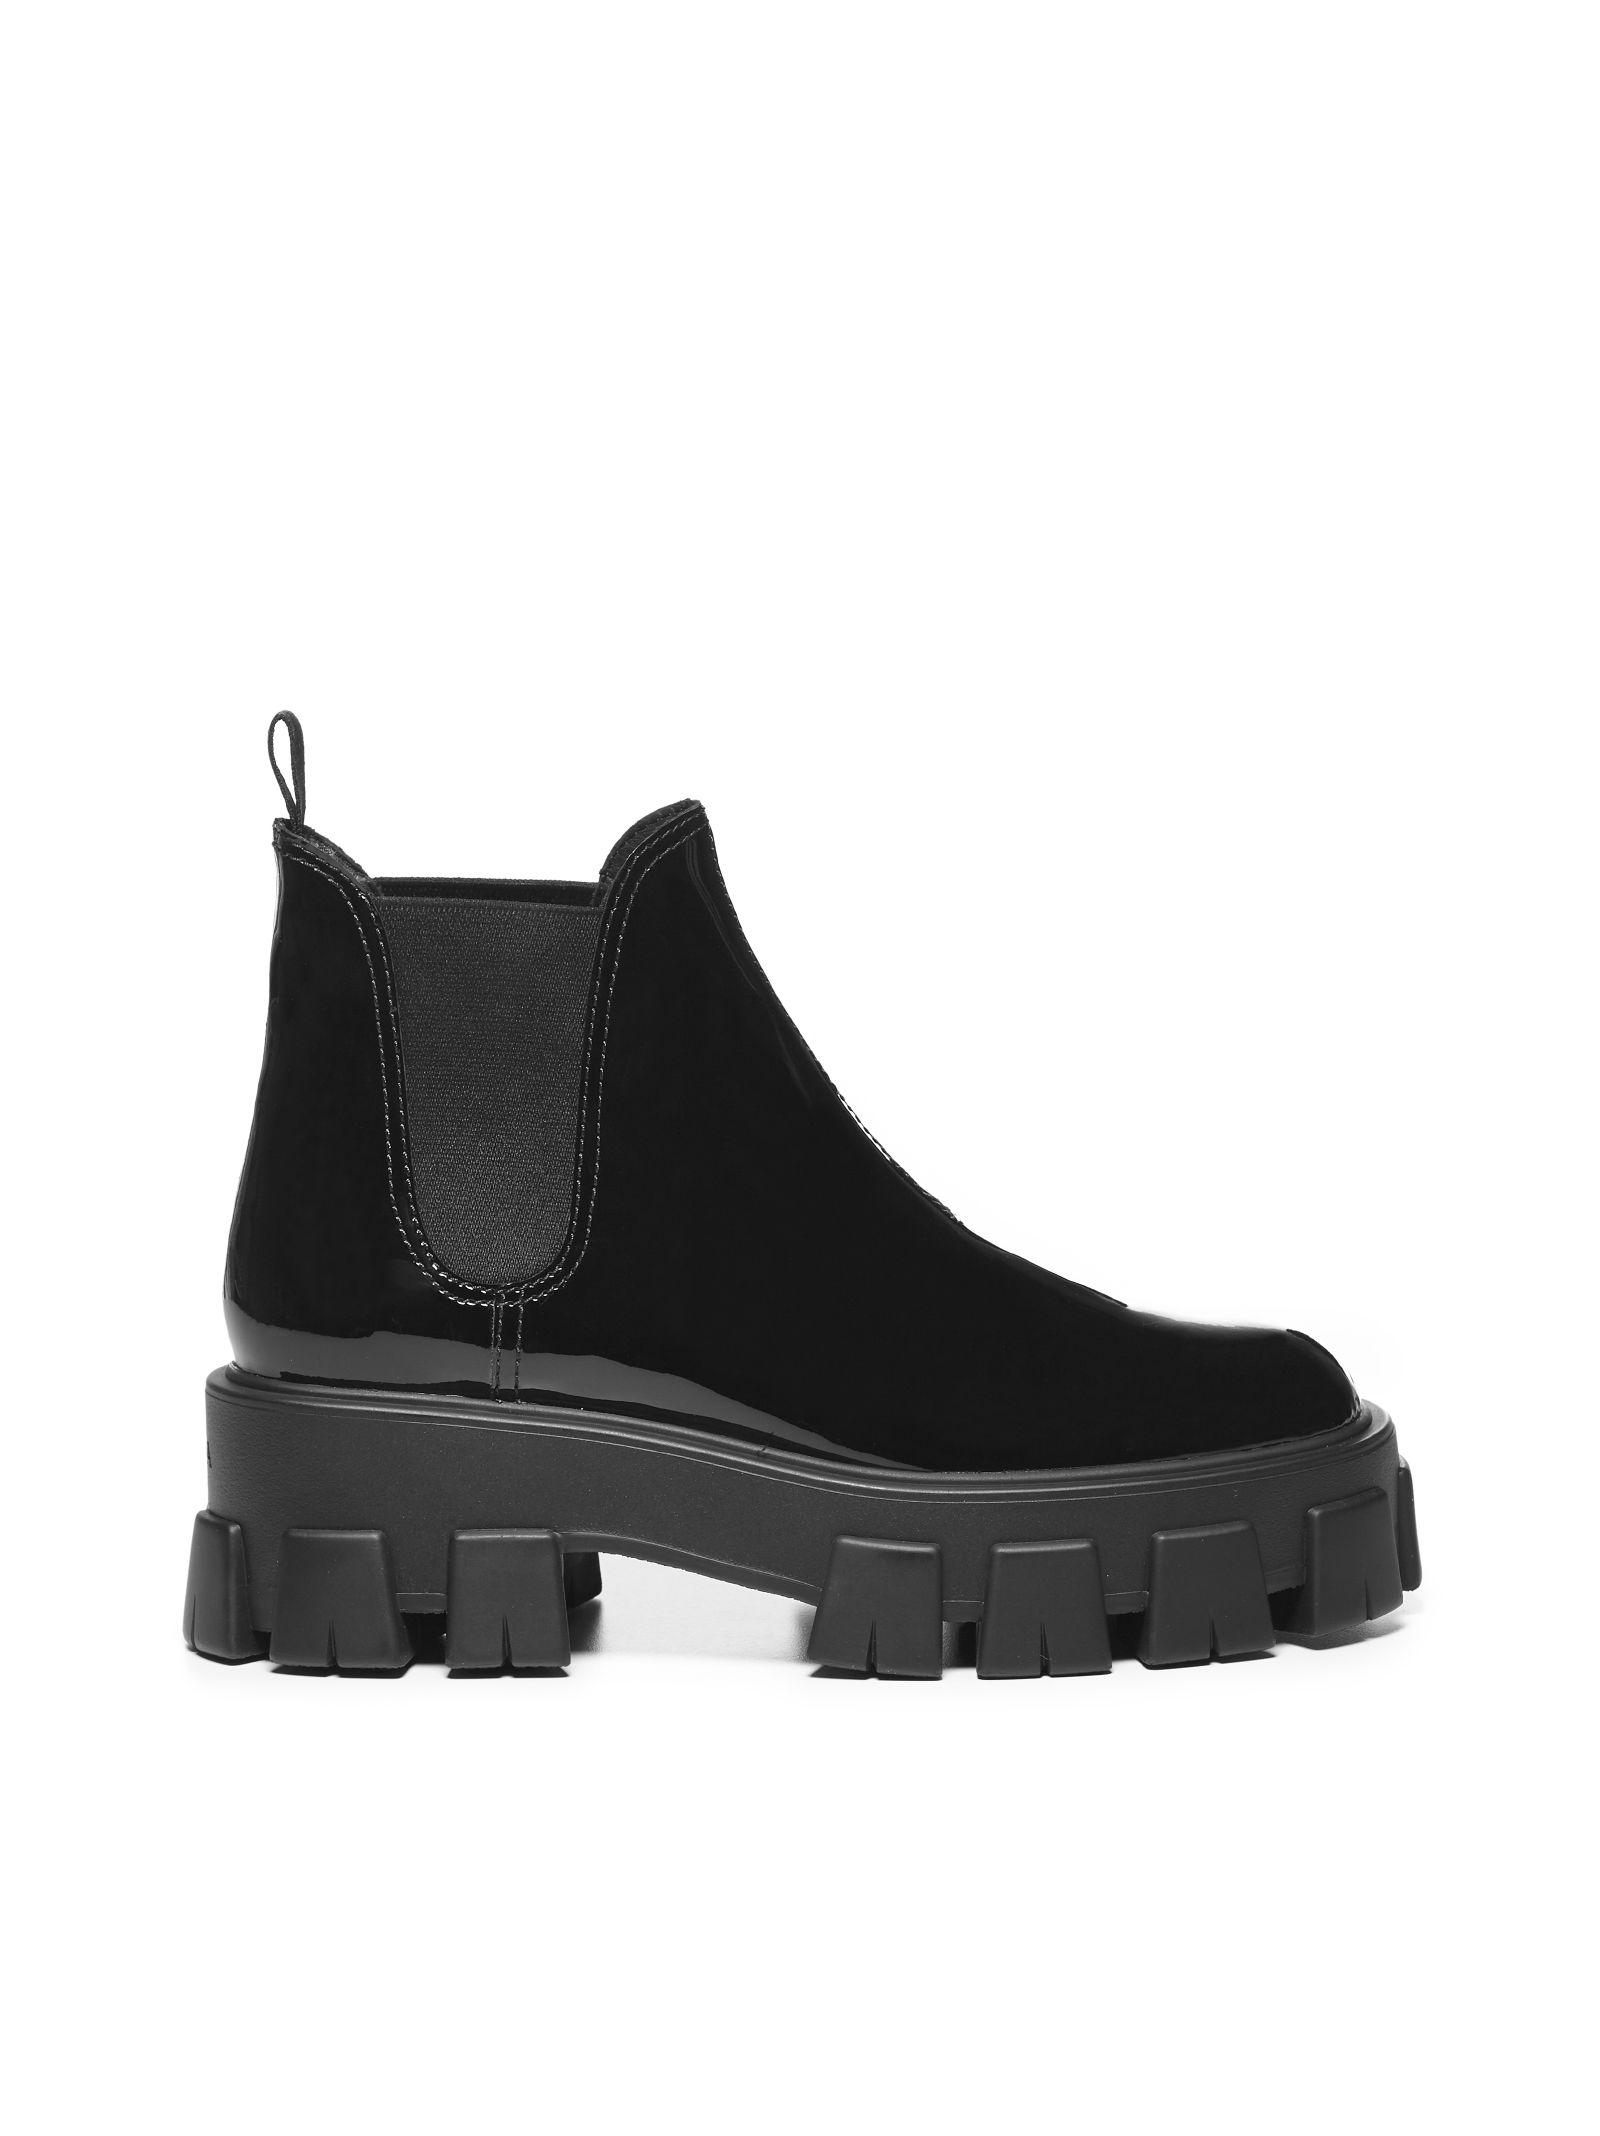 5640d426f Prada Prada Boots - Nero - 10969269 | italist